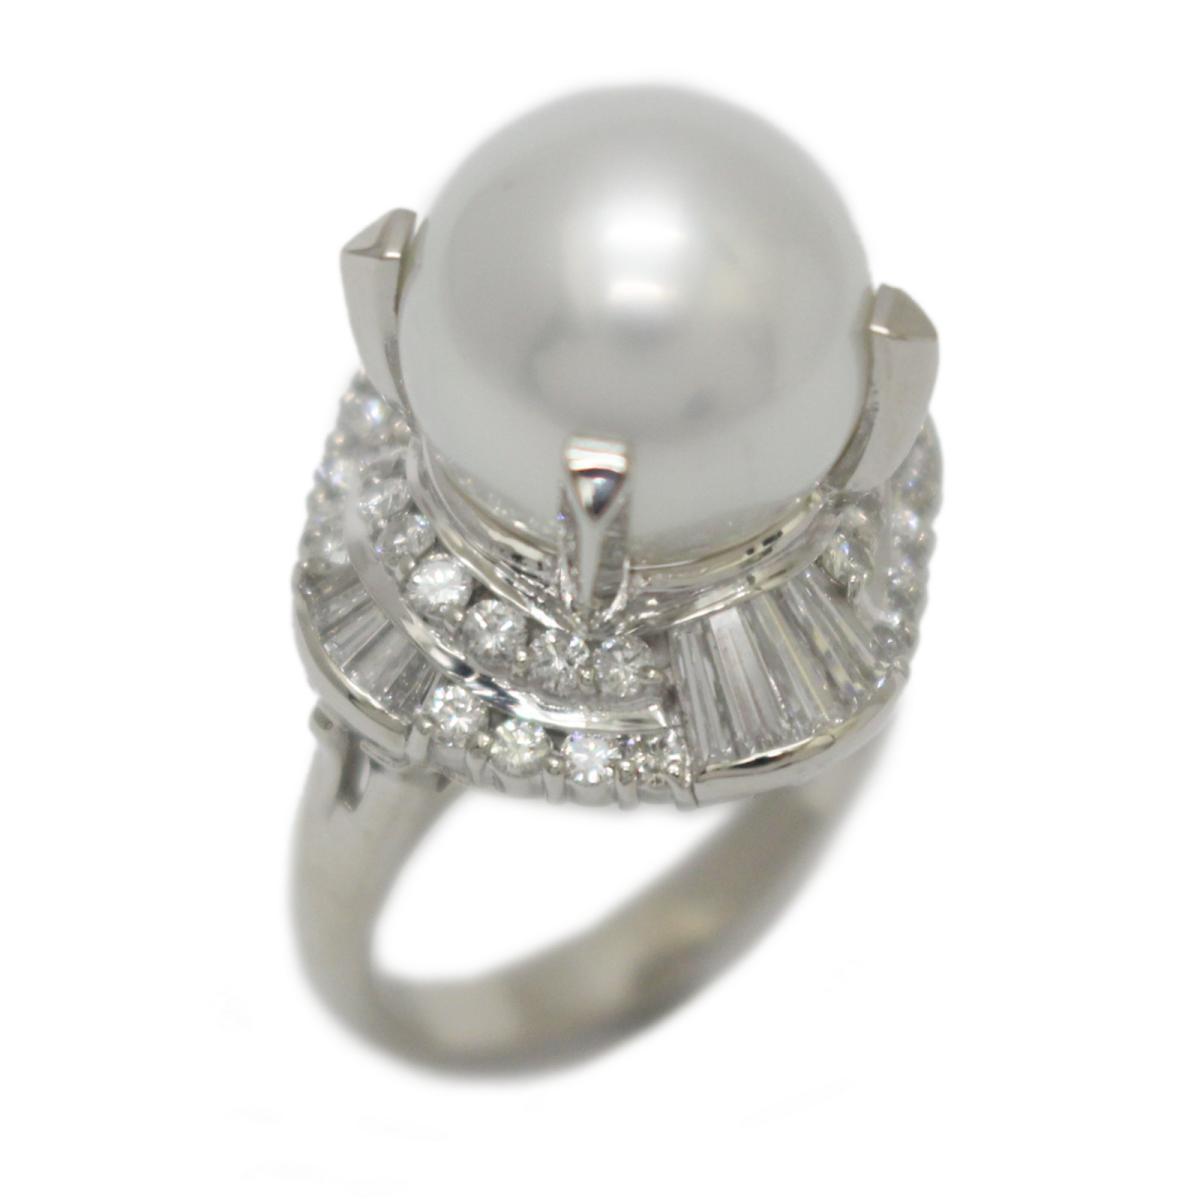 【中古】 ジュエリー パール ダイヤモンド リング 指輪 レディース PT900 プラチナ x (12mm) (1.32ct) ホワイト クリアー | JEWELRY BRANDOFF ブランドオフ ブランド アクセサリー